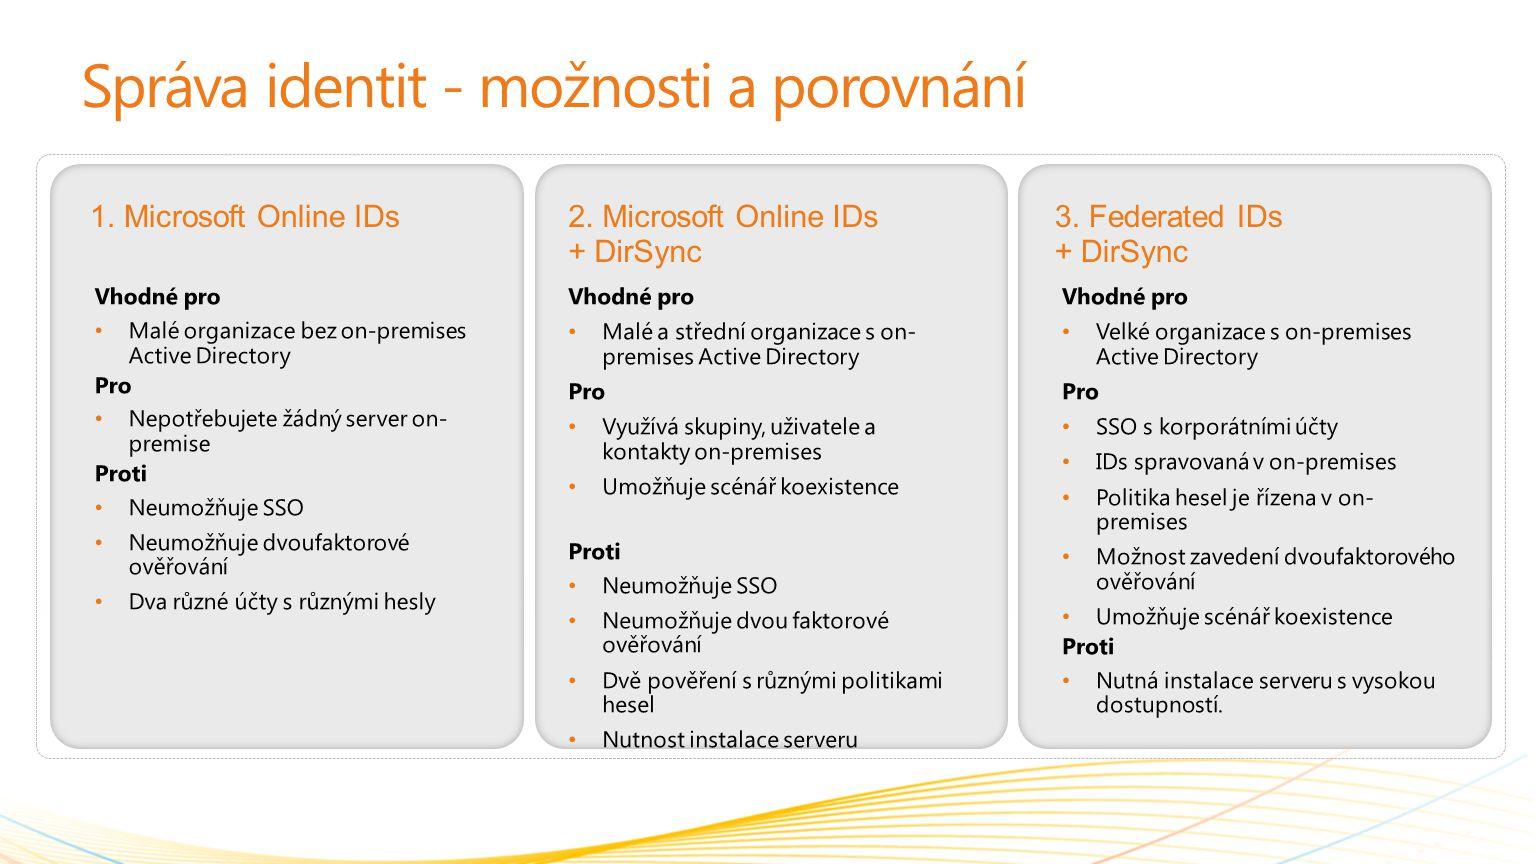 Správa identit - možnosti a porovnání 1. Microsoft Online IDs2. Microsoft Online IDs + DirSync 3. Federated IDs + DirSync